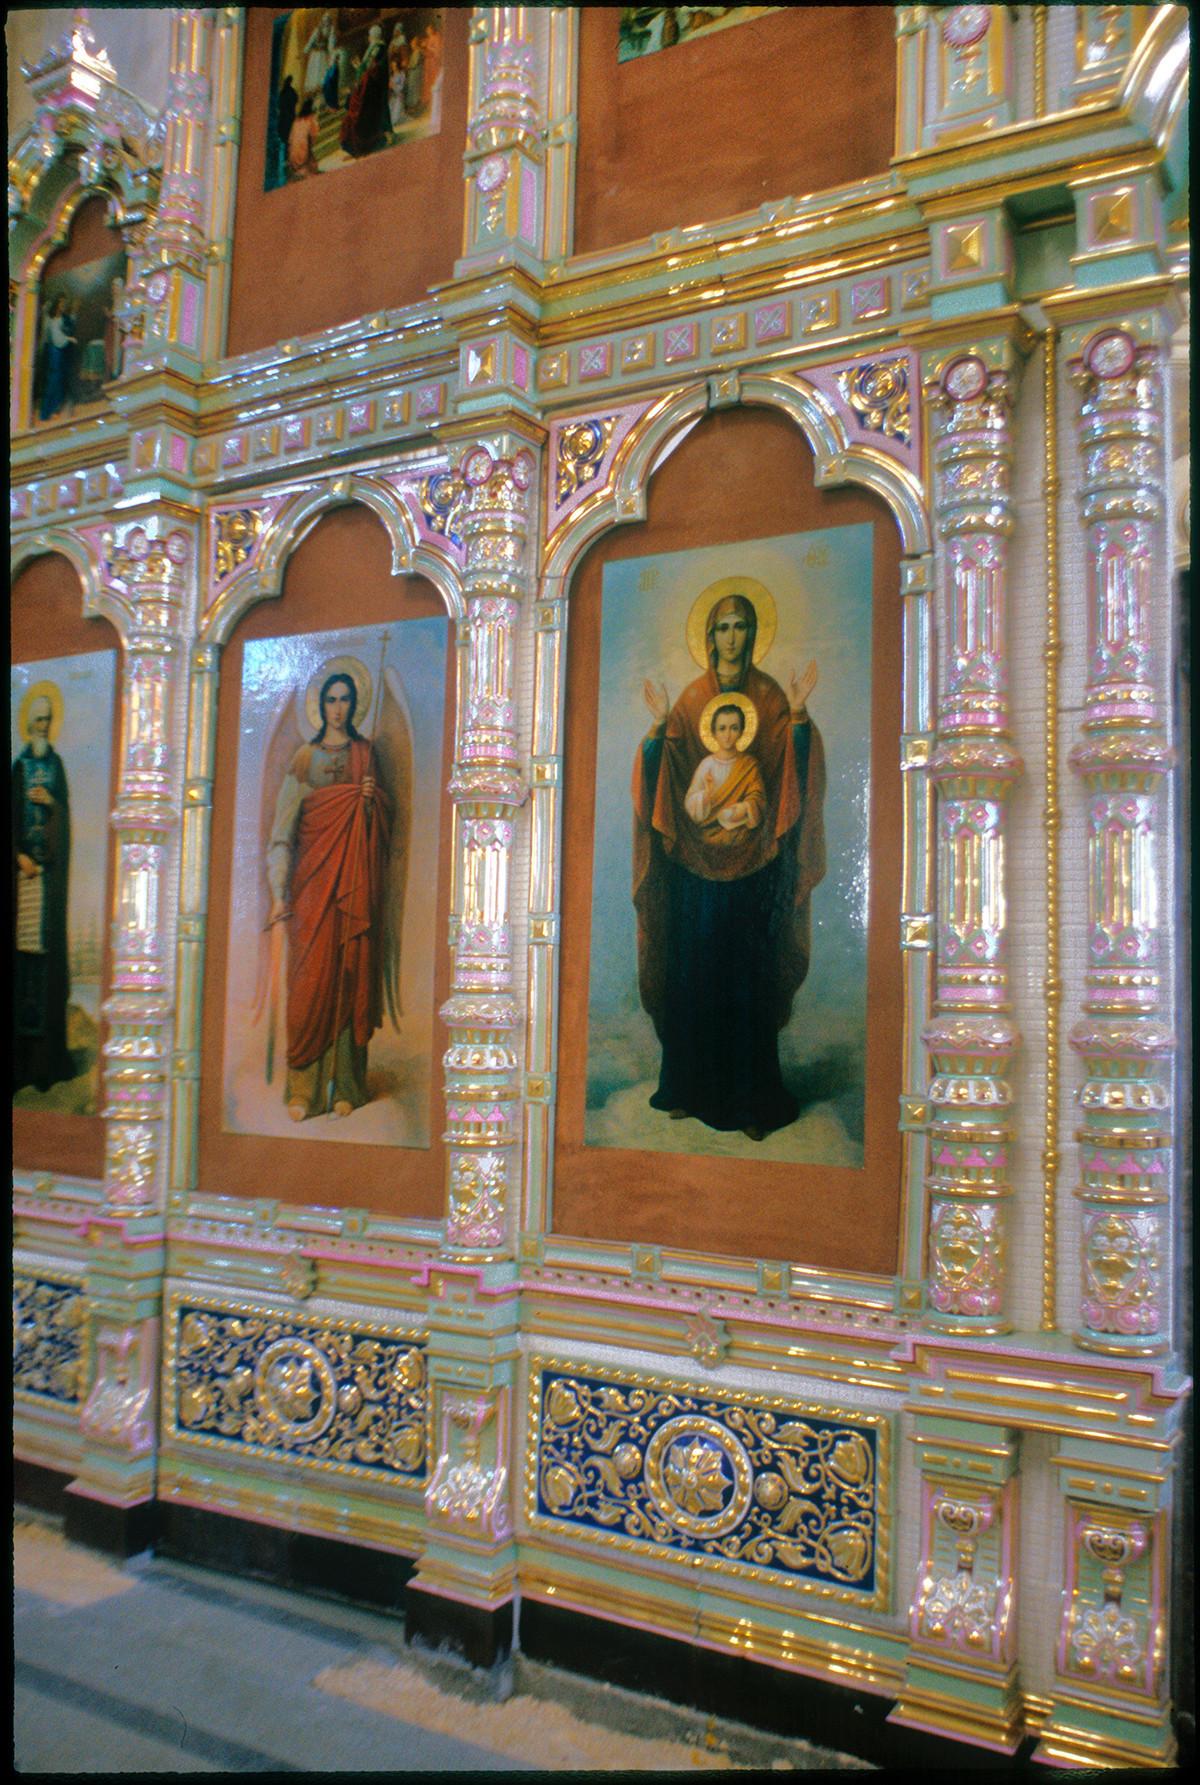 Catedral de la Elevación de la Cruz. Pantalla de iconos de cerámica reconstruida con reproducciones de iconos temporales. 27 de agosto de 1999.